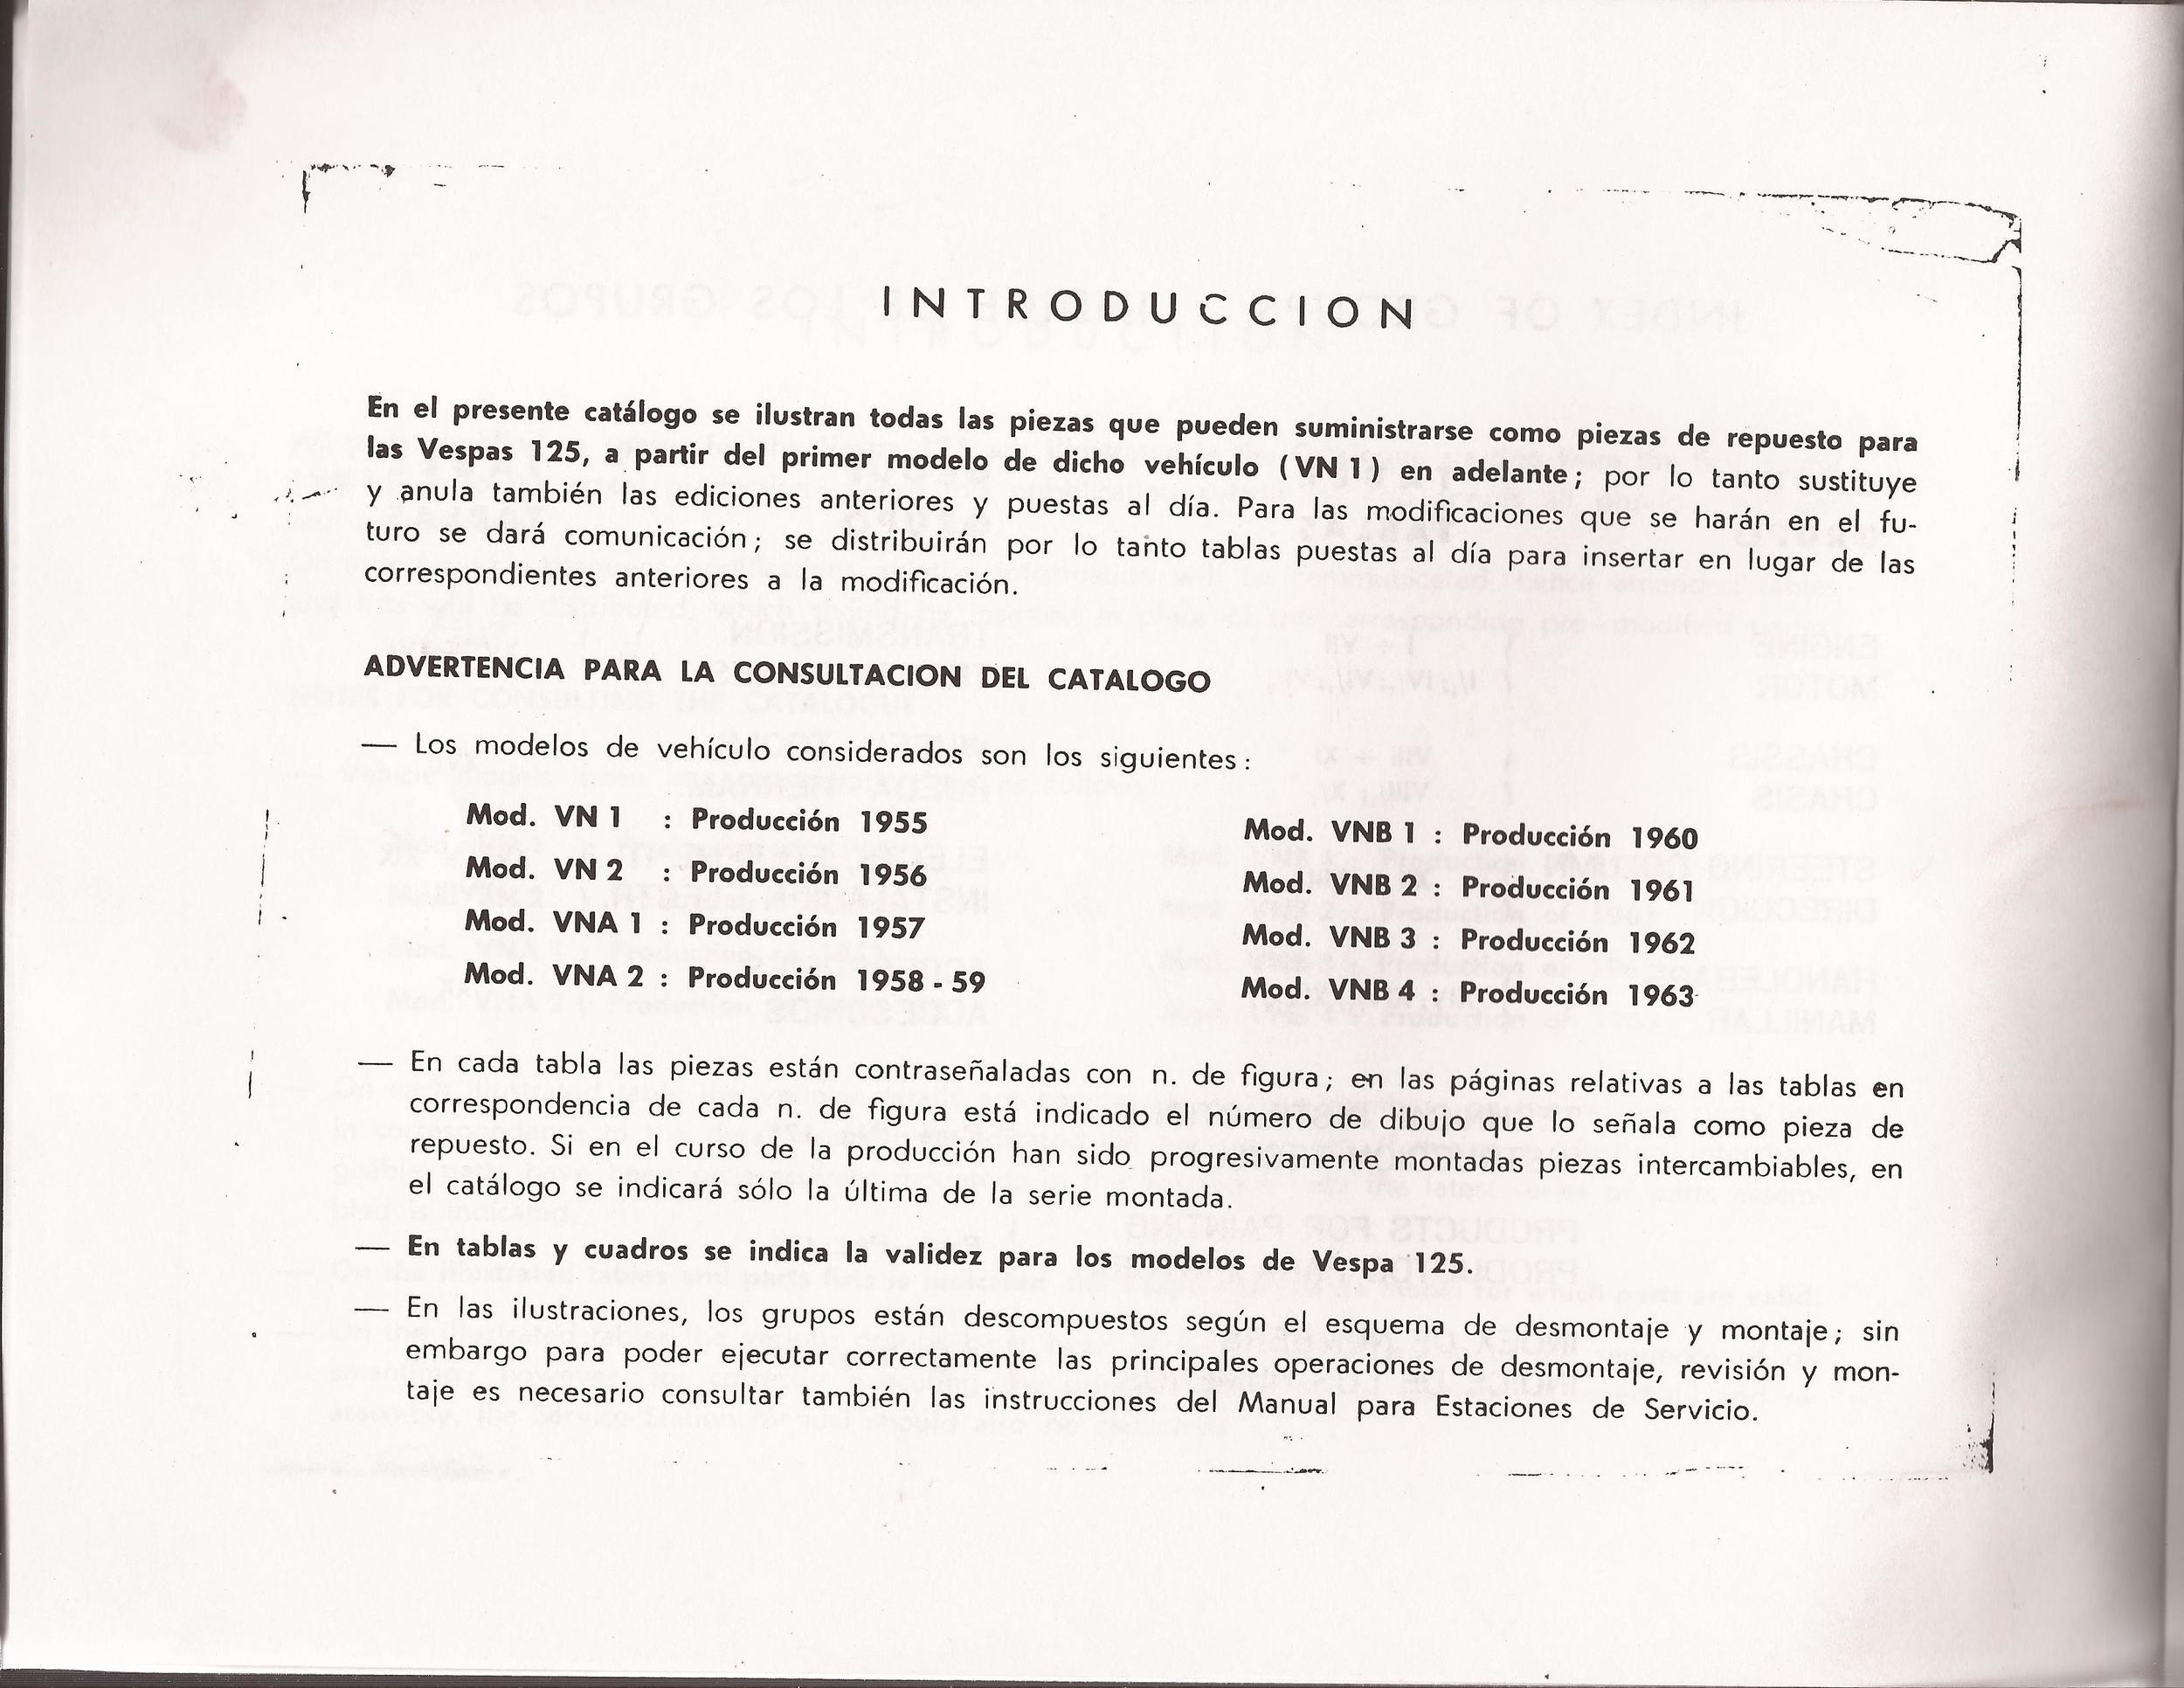 07-16-2013 vespa 125 catalog manuel 4.jpg